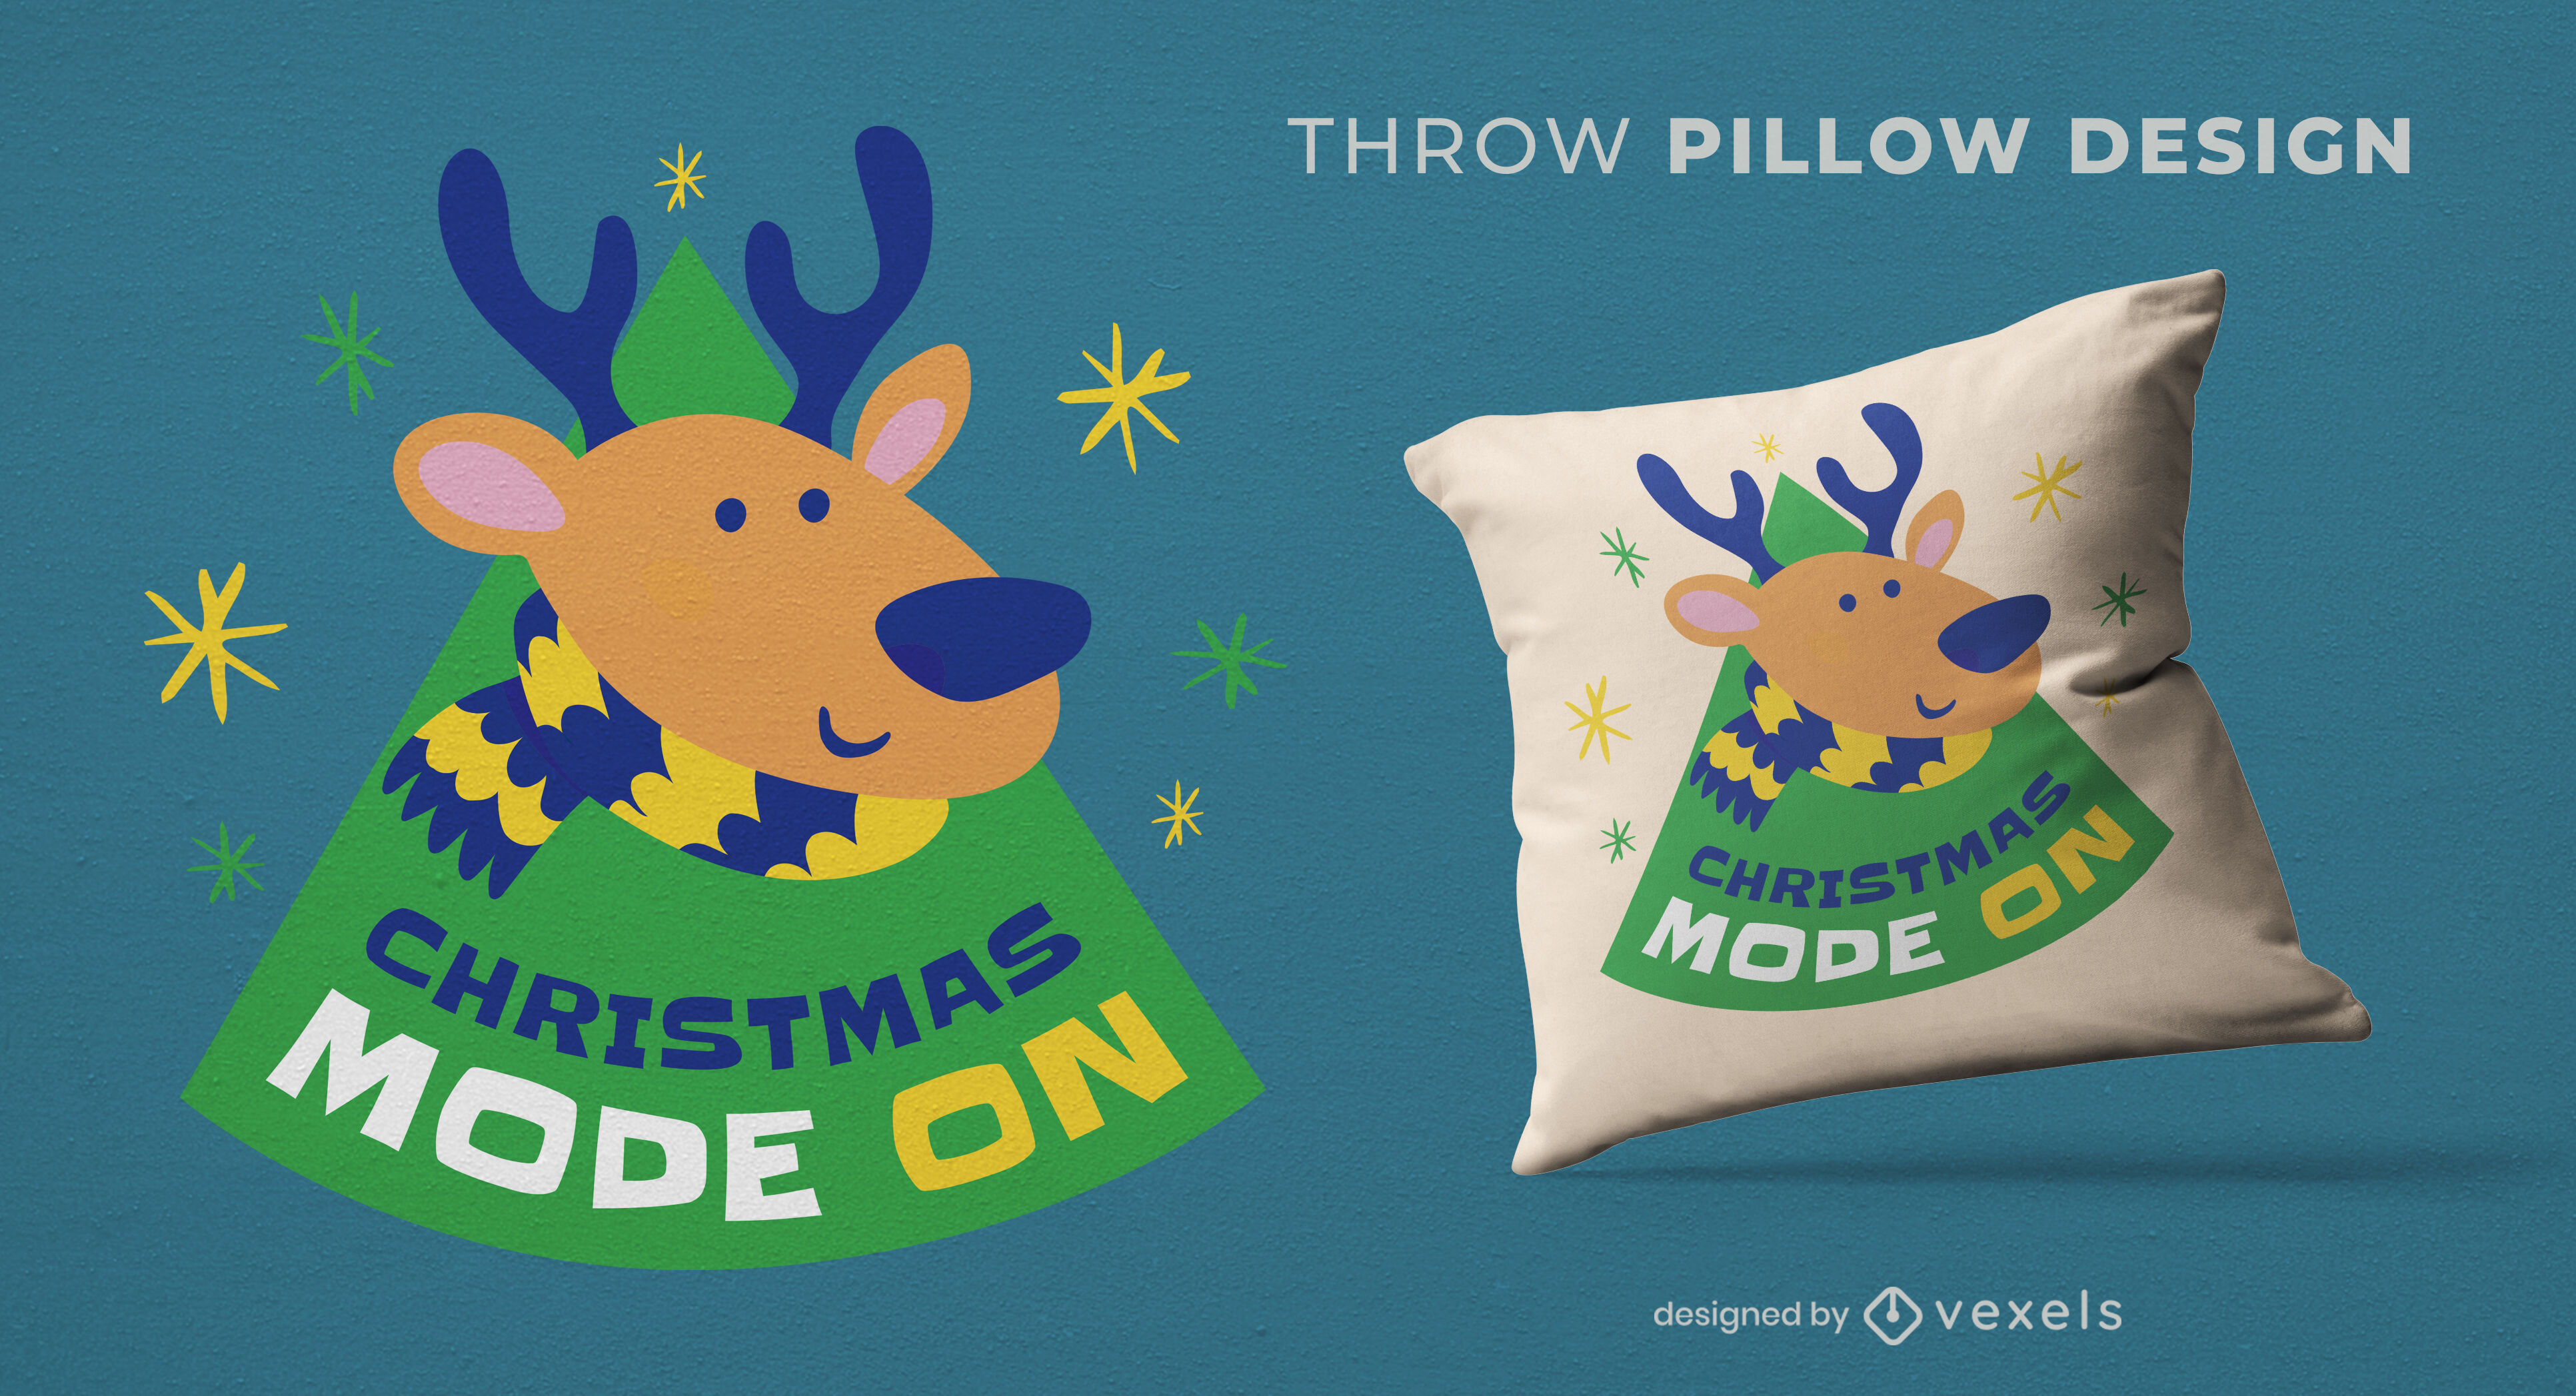 Diseño de almohada de tiro de temporada navideña de renos